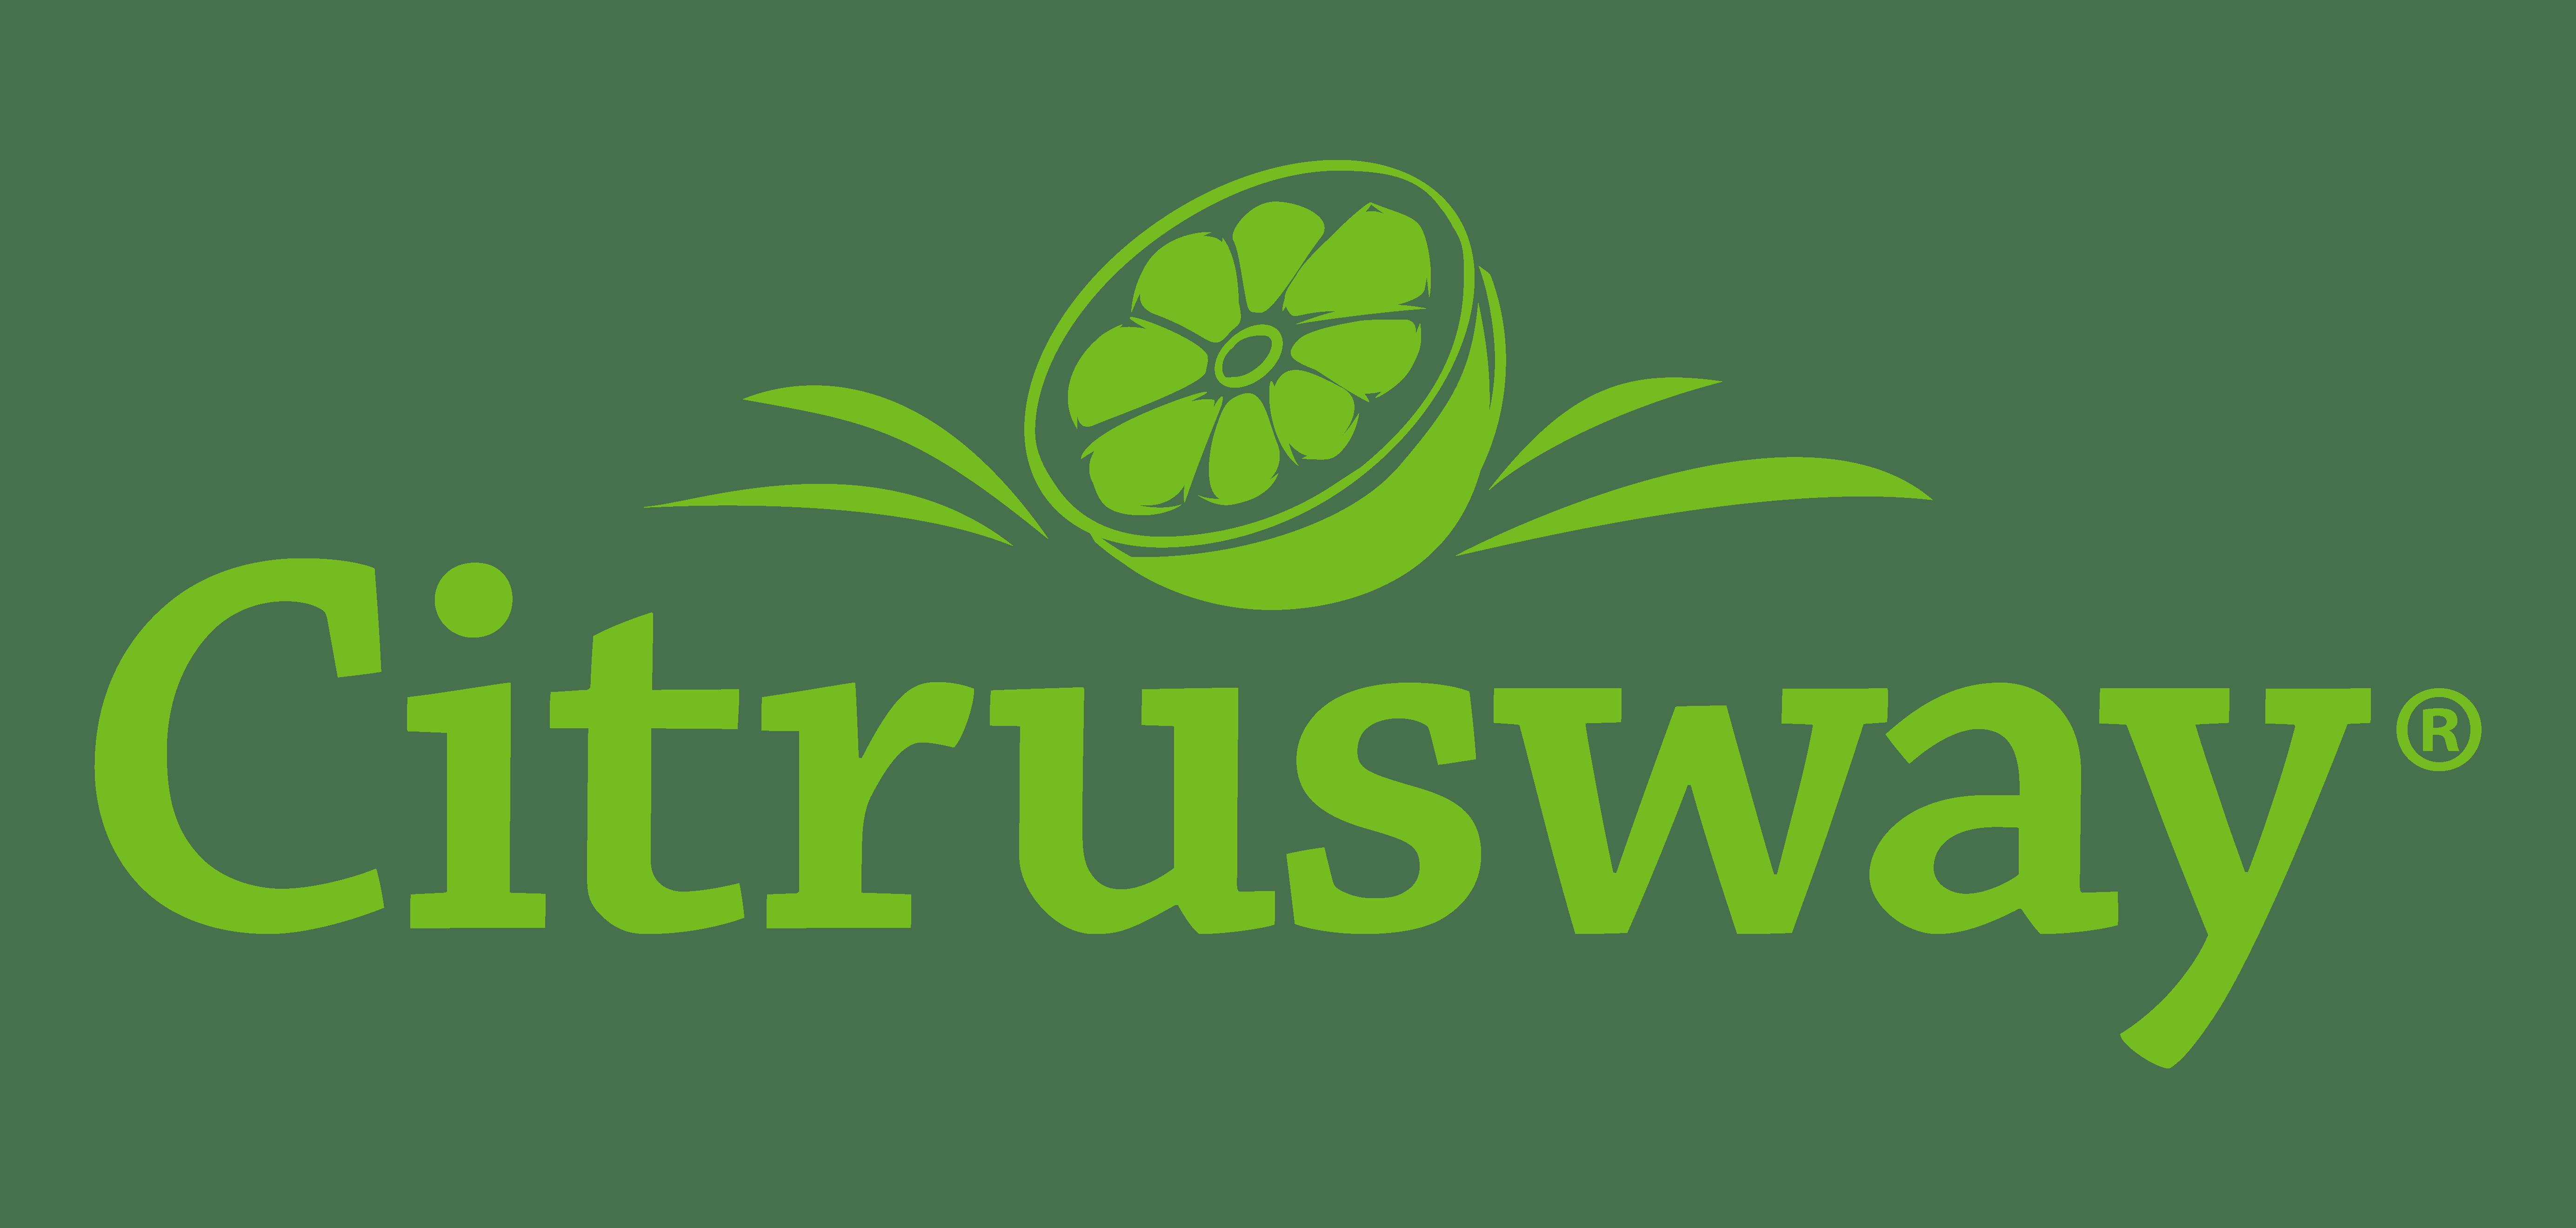 Citrusway